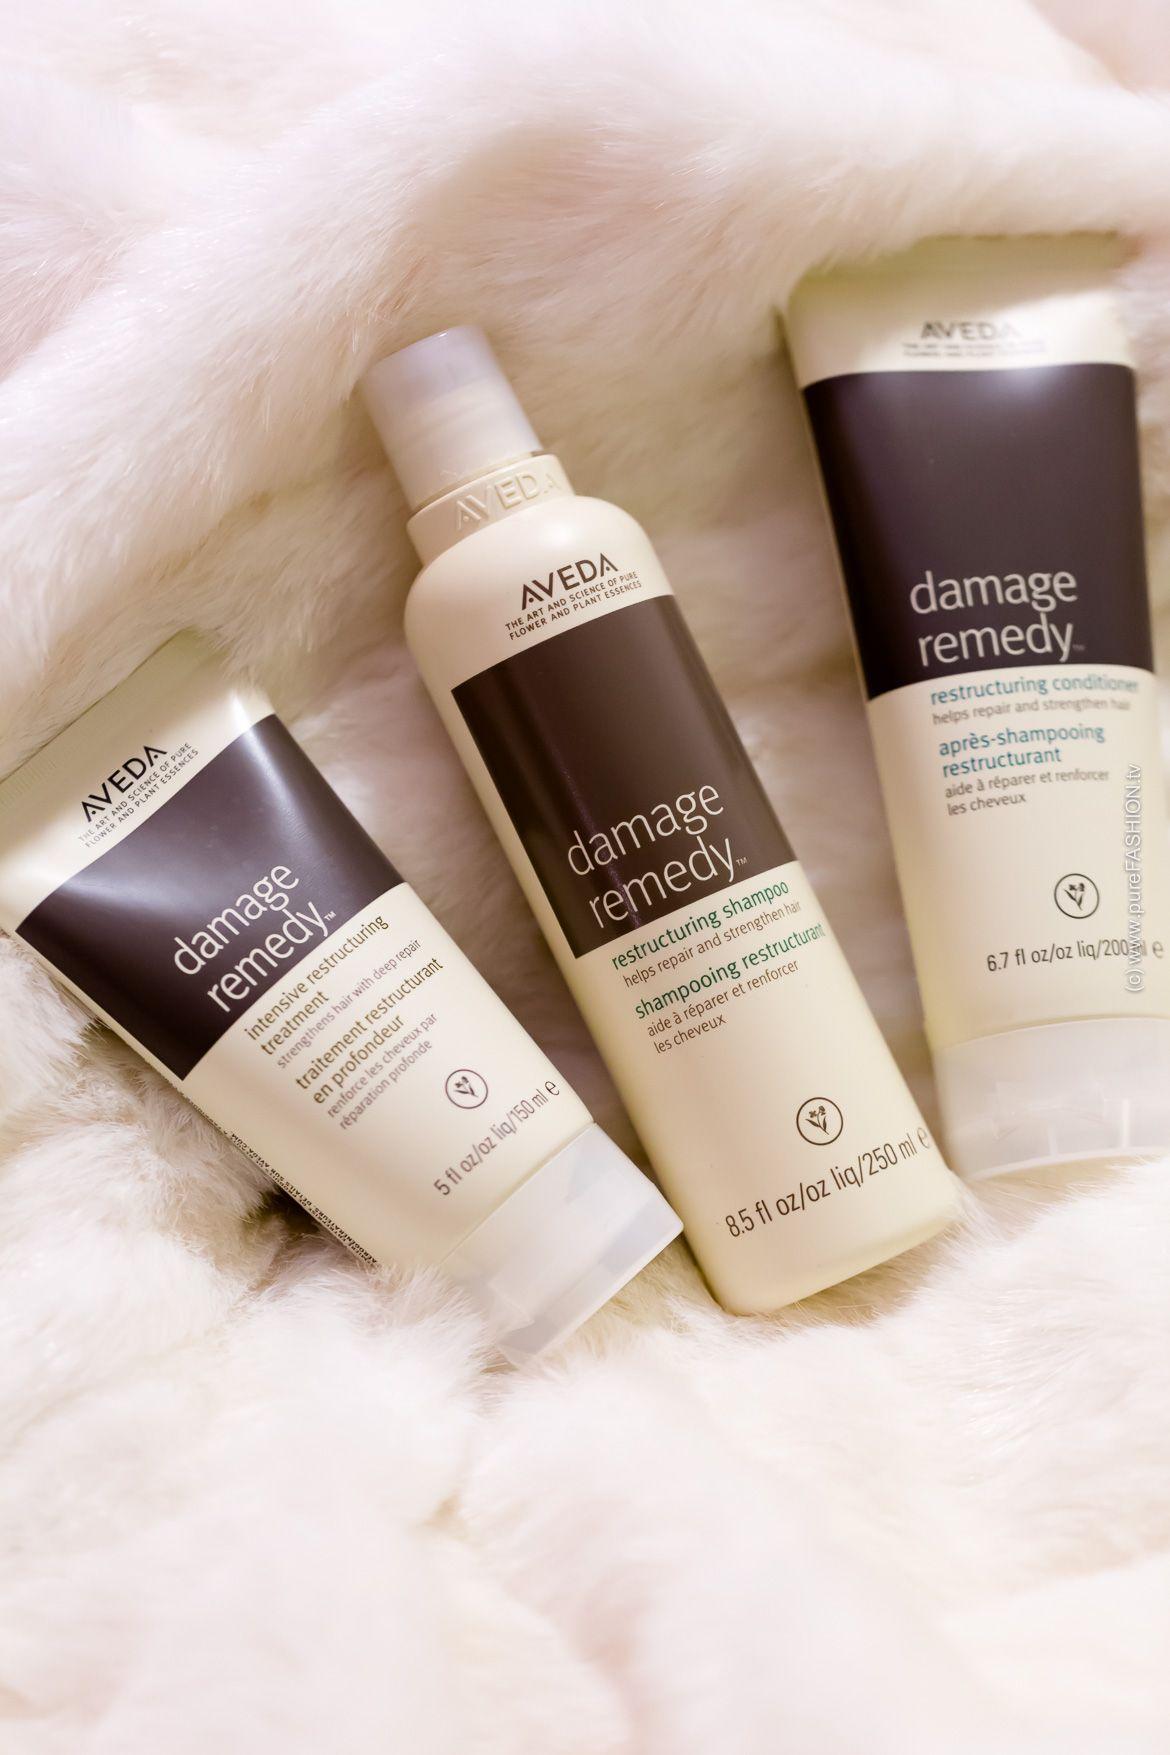 Beauty und Beautyprodukte von AVEDA. Damage Remedy Shampoo als Haarpflege für geschädigtes Haar. Empfehlung als deutscher Beauty Blogger. Haare und Routine #aveda #damage #remedy #shampoo